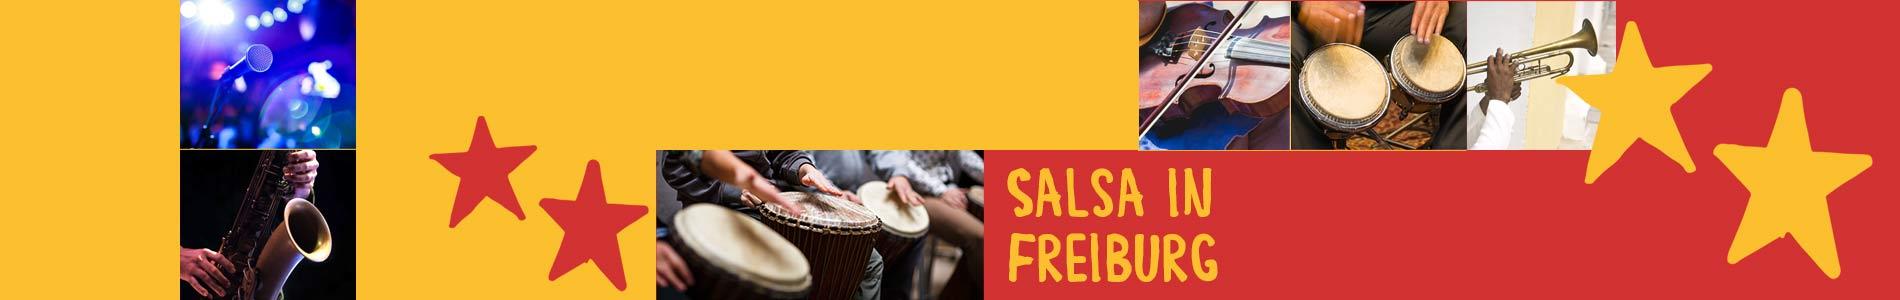 Salsa in Freiburg – Salsa lernen und tanzen, Tanzkurse, Partys, Veranstaltungen